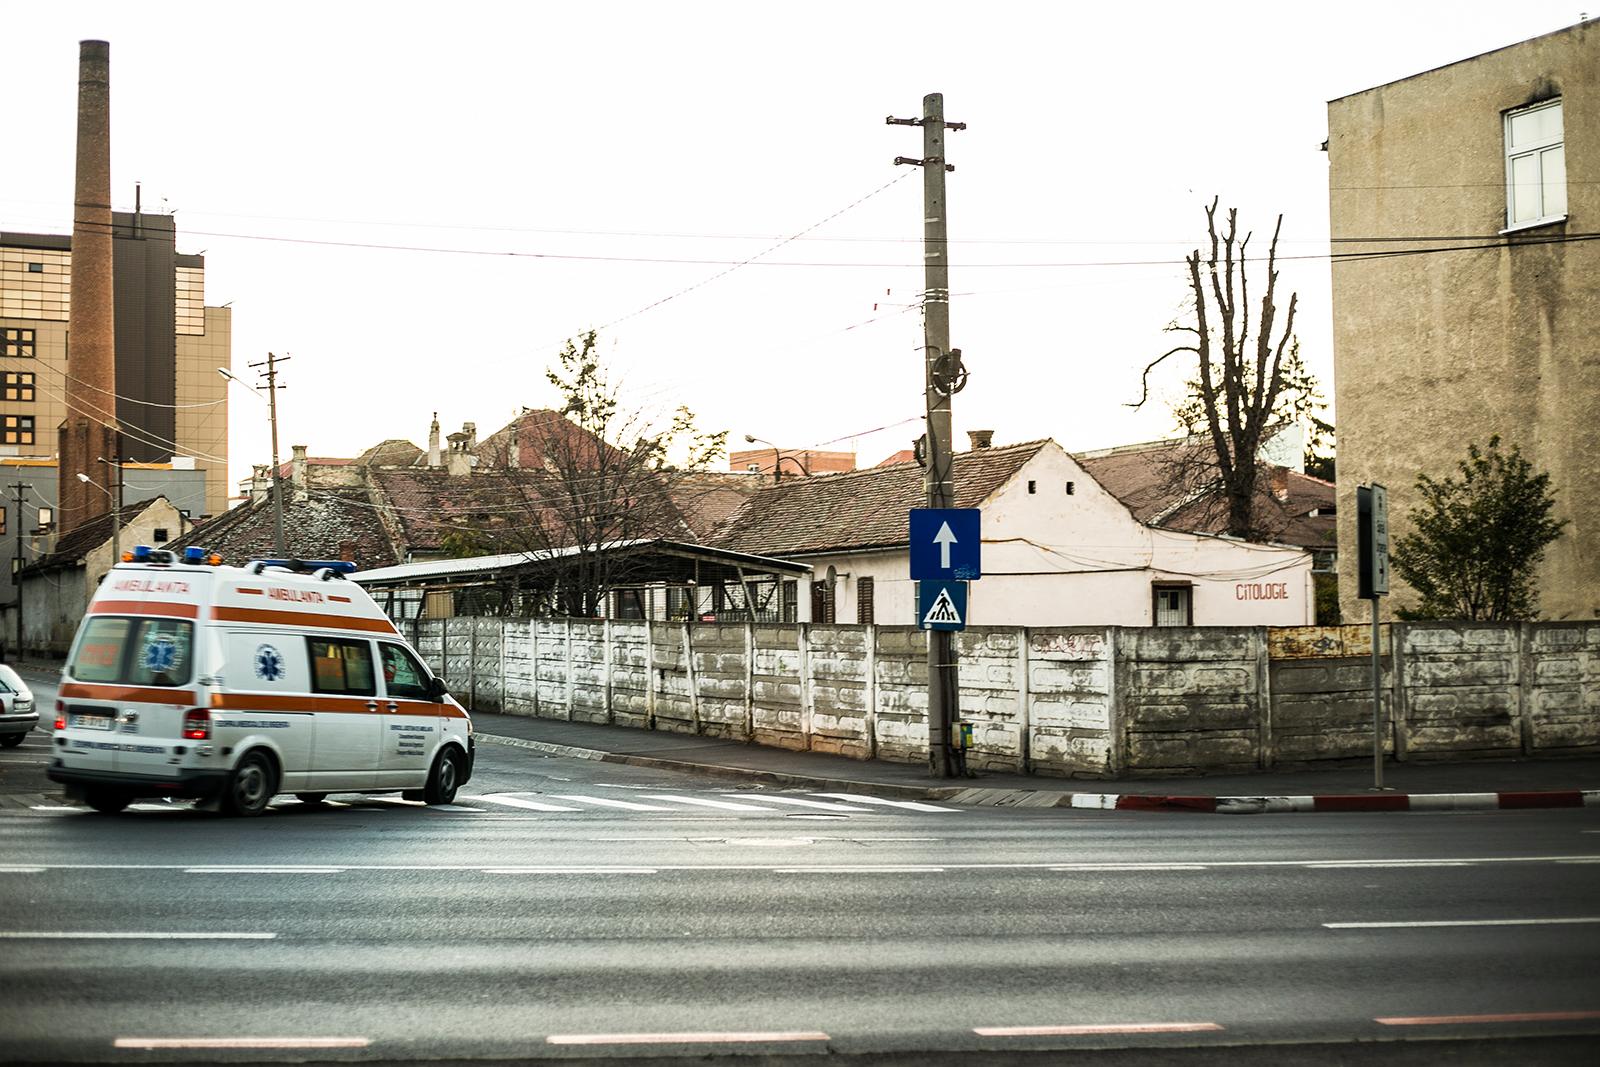 Investiție de 25 mil. euro: soarta noului spital de urgențe se discută săptămâna viitoare